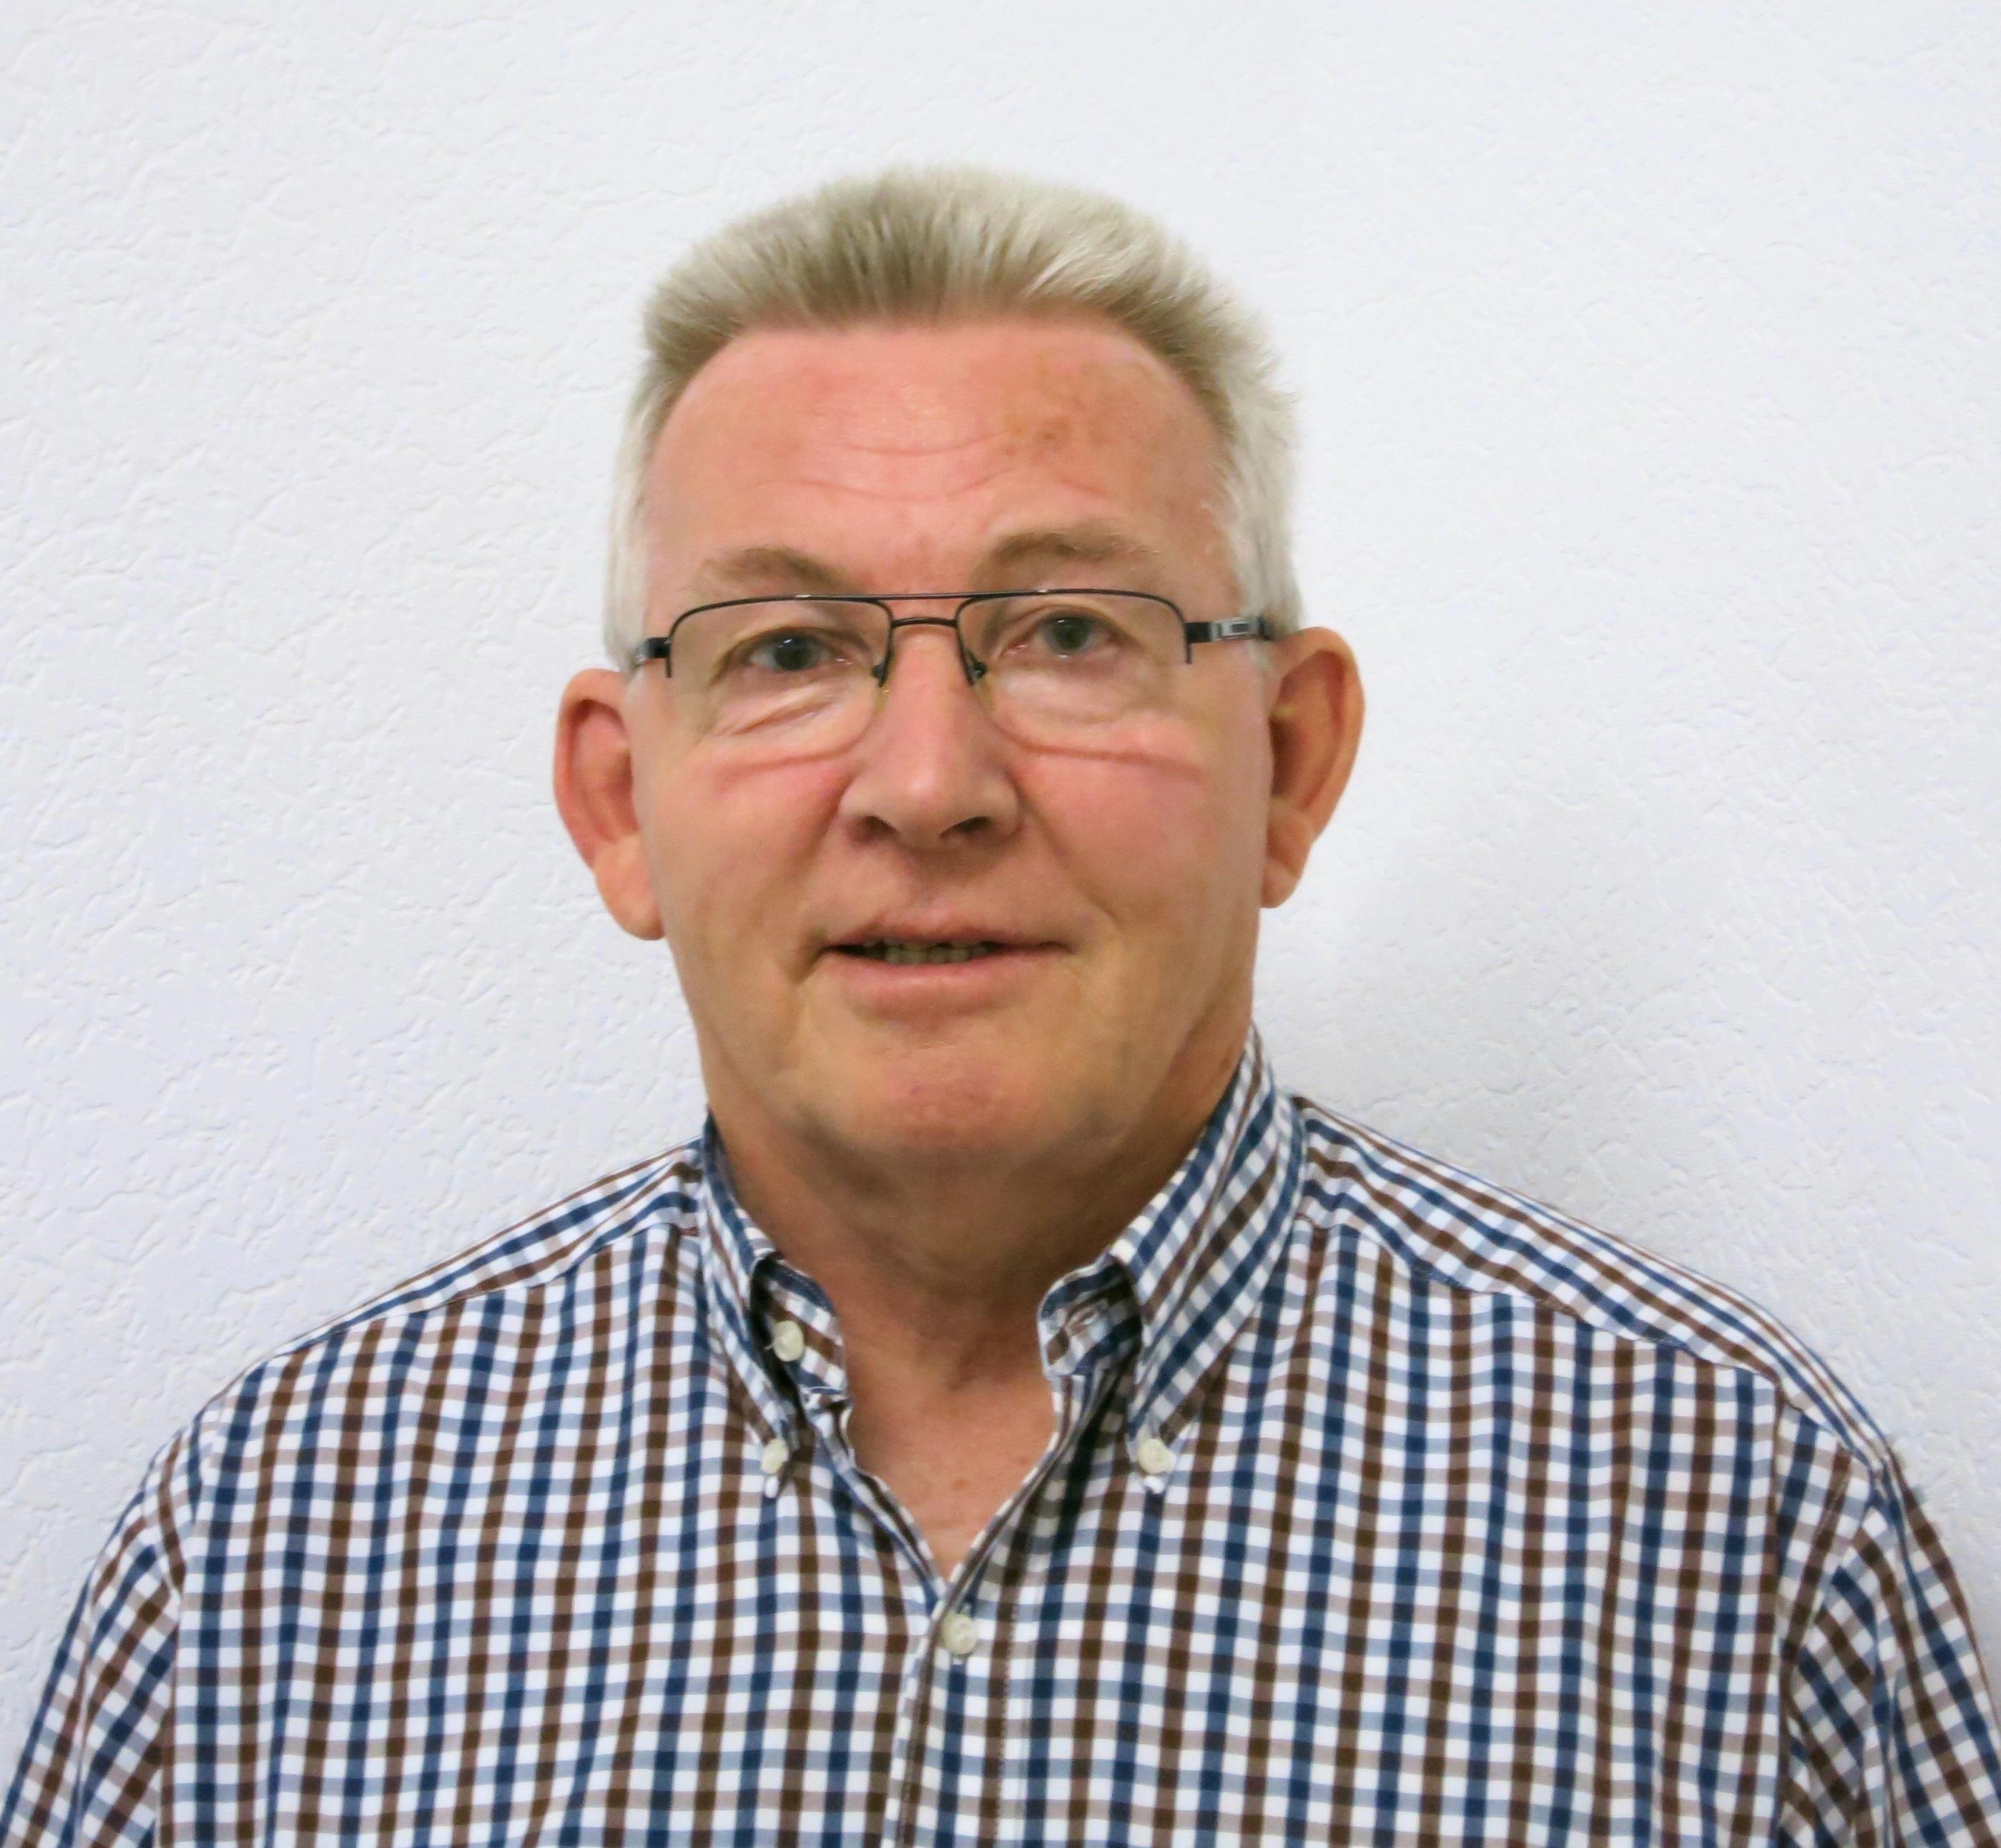 Engelbert Reinecke